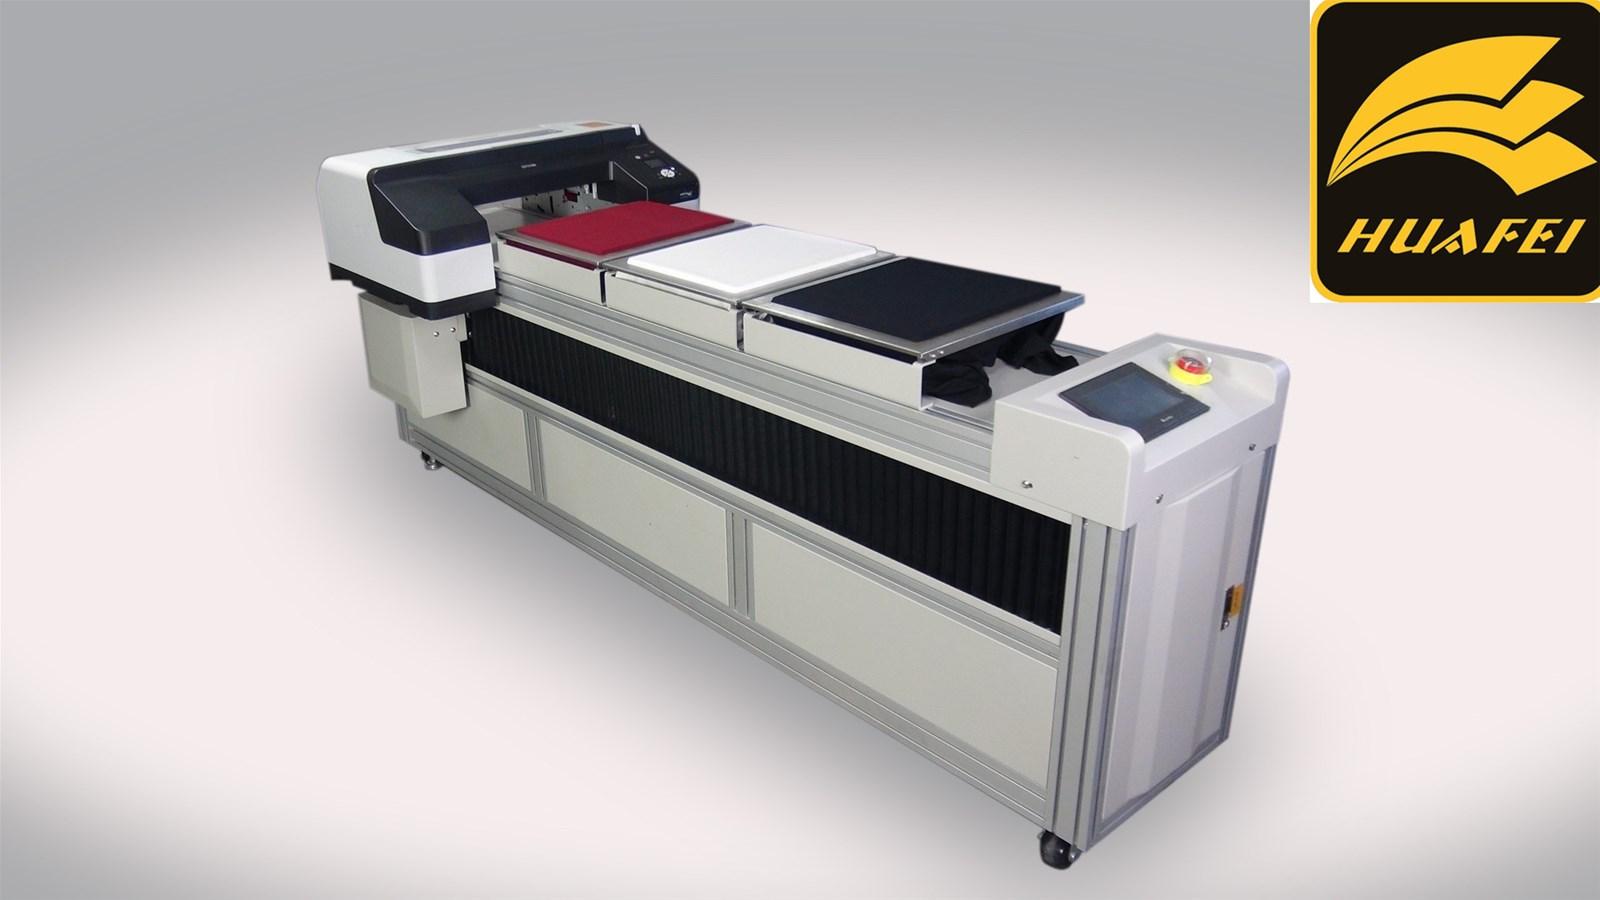 HUAFEI 3 Pallets Garment Dtg Printer for tShirt Machine